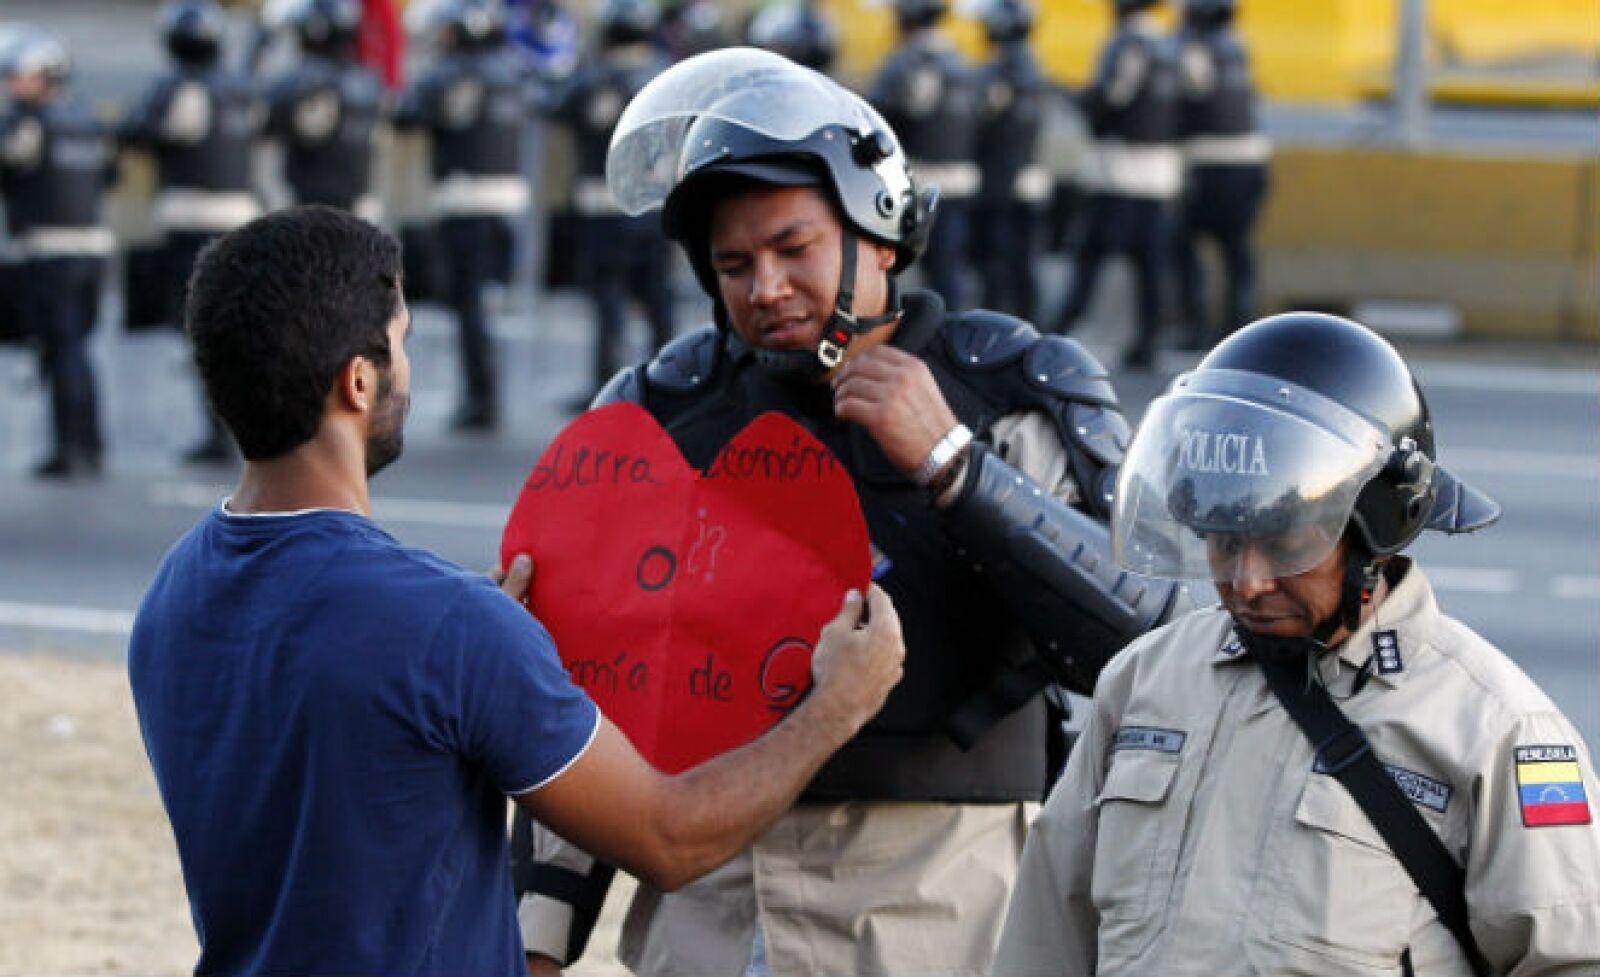 La inflación, la delincuencia y la represión del Estado son algunos de los motivos por los que protestan, señalan los opositores.